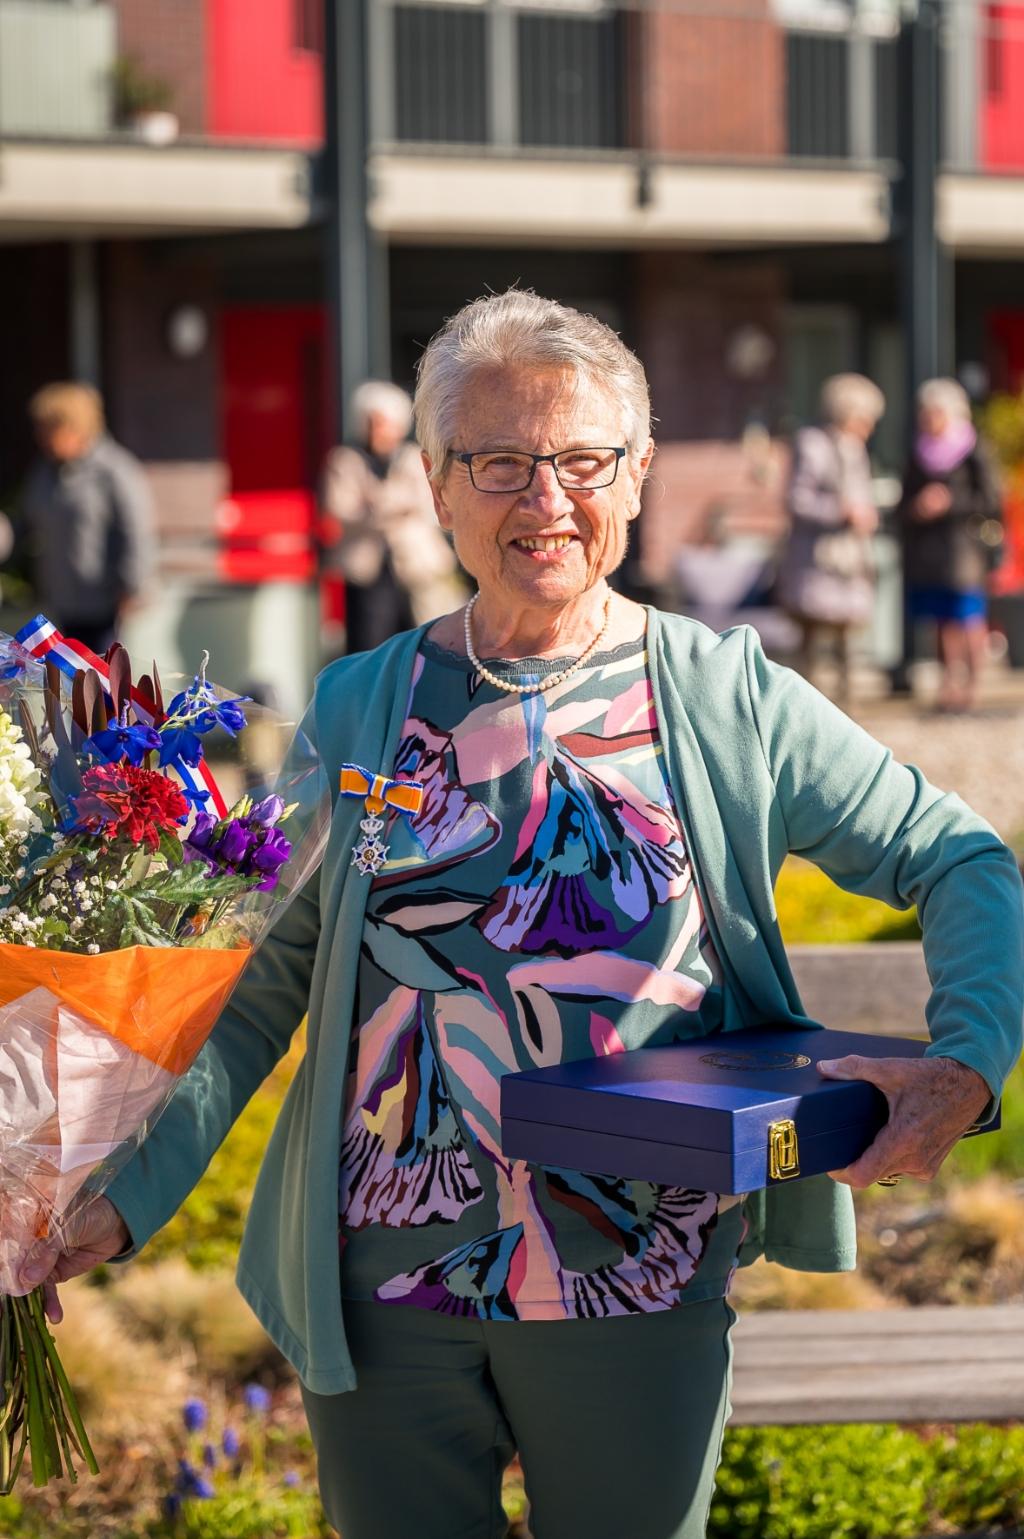 <p>Mevrouw Westerbroek uit Bergschenhoek is onder meer al ruim dertig jaar actief in het bestuur van de Hervormde kerk. (Foto: Ariane Kok)</p> Ariane Kok © hartvanlansingerland